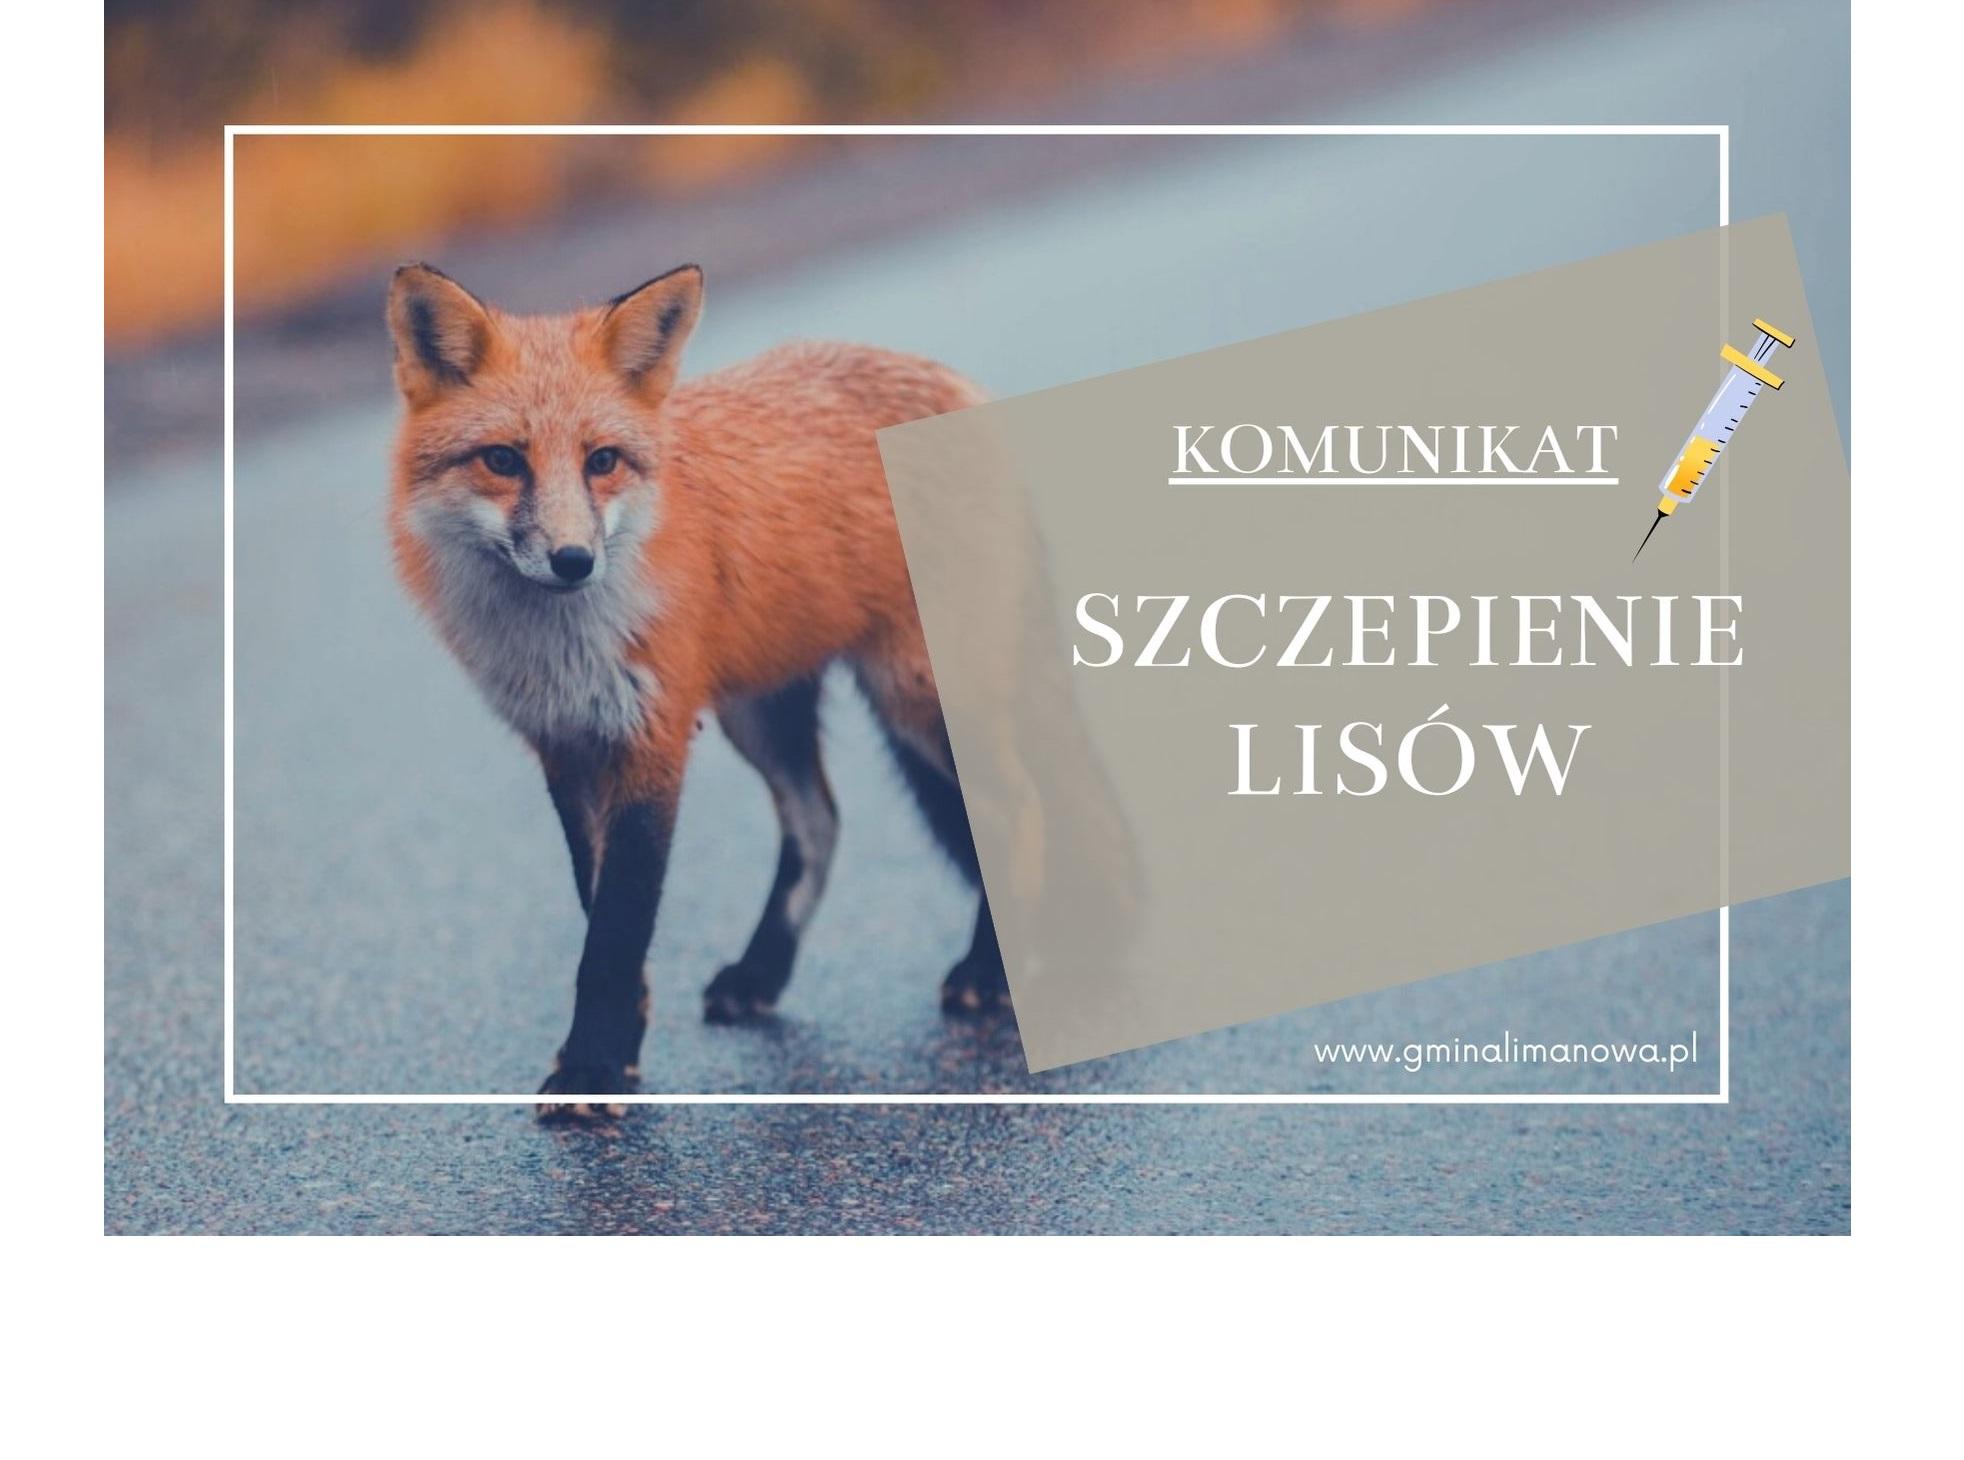 Komunikat Małopolskiego Wojewódzkiego Lekarza Weterynarii dotyczący szczepienia lisów - zdjęcie główne